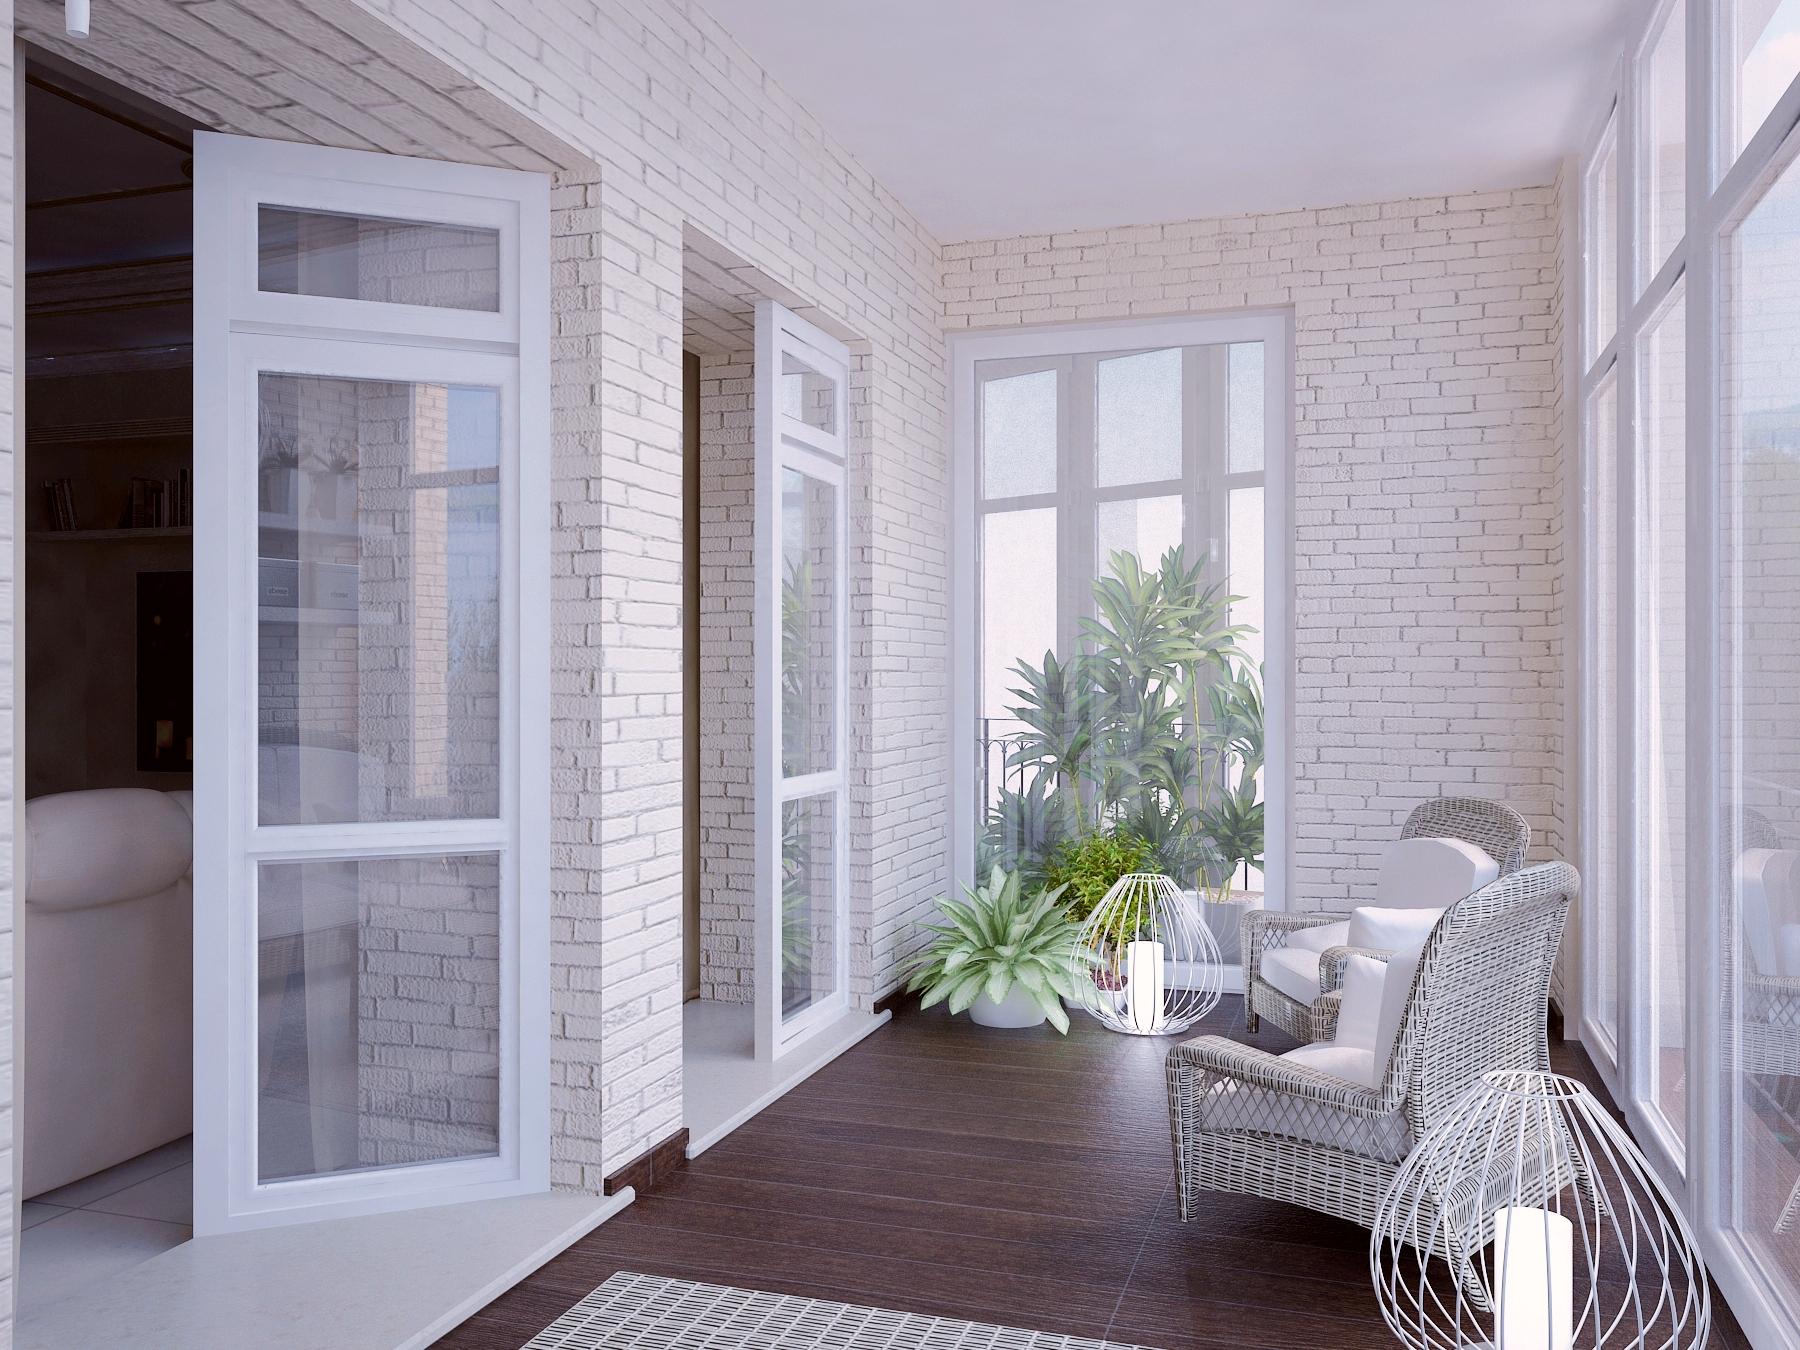 Lampade applique mobili e accessori per la casa a pavia kijiji